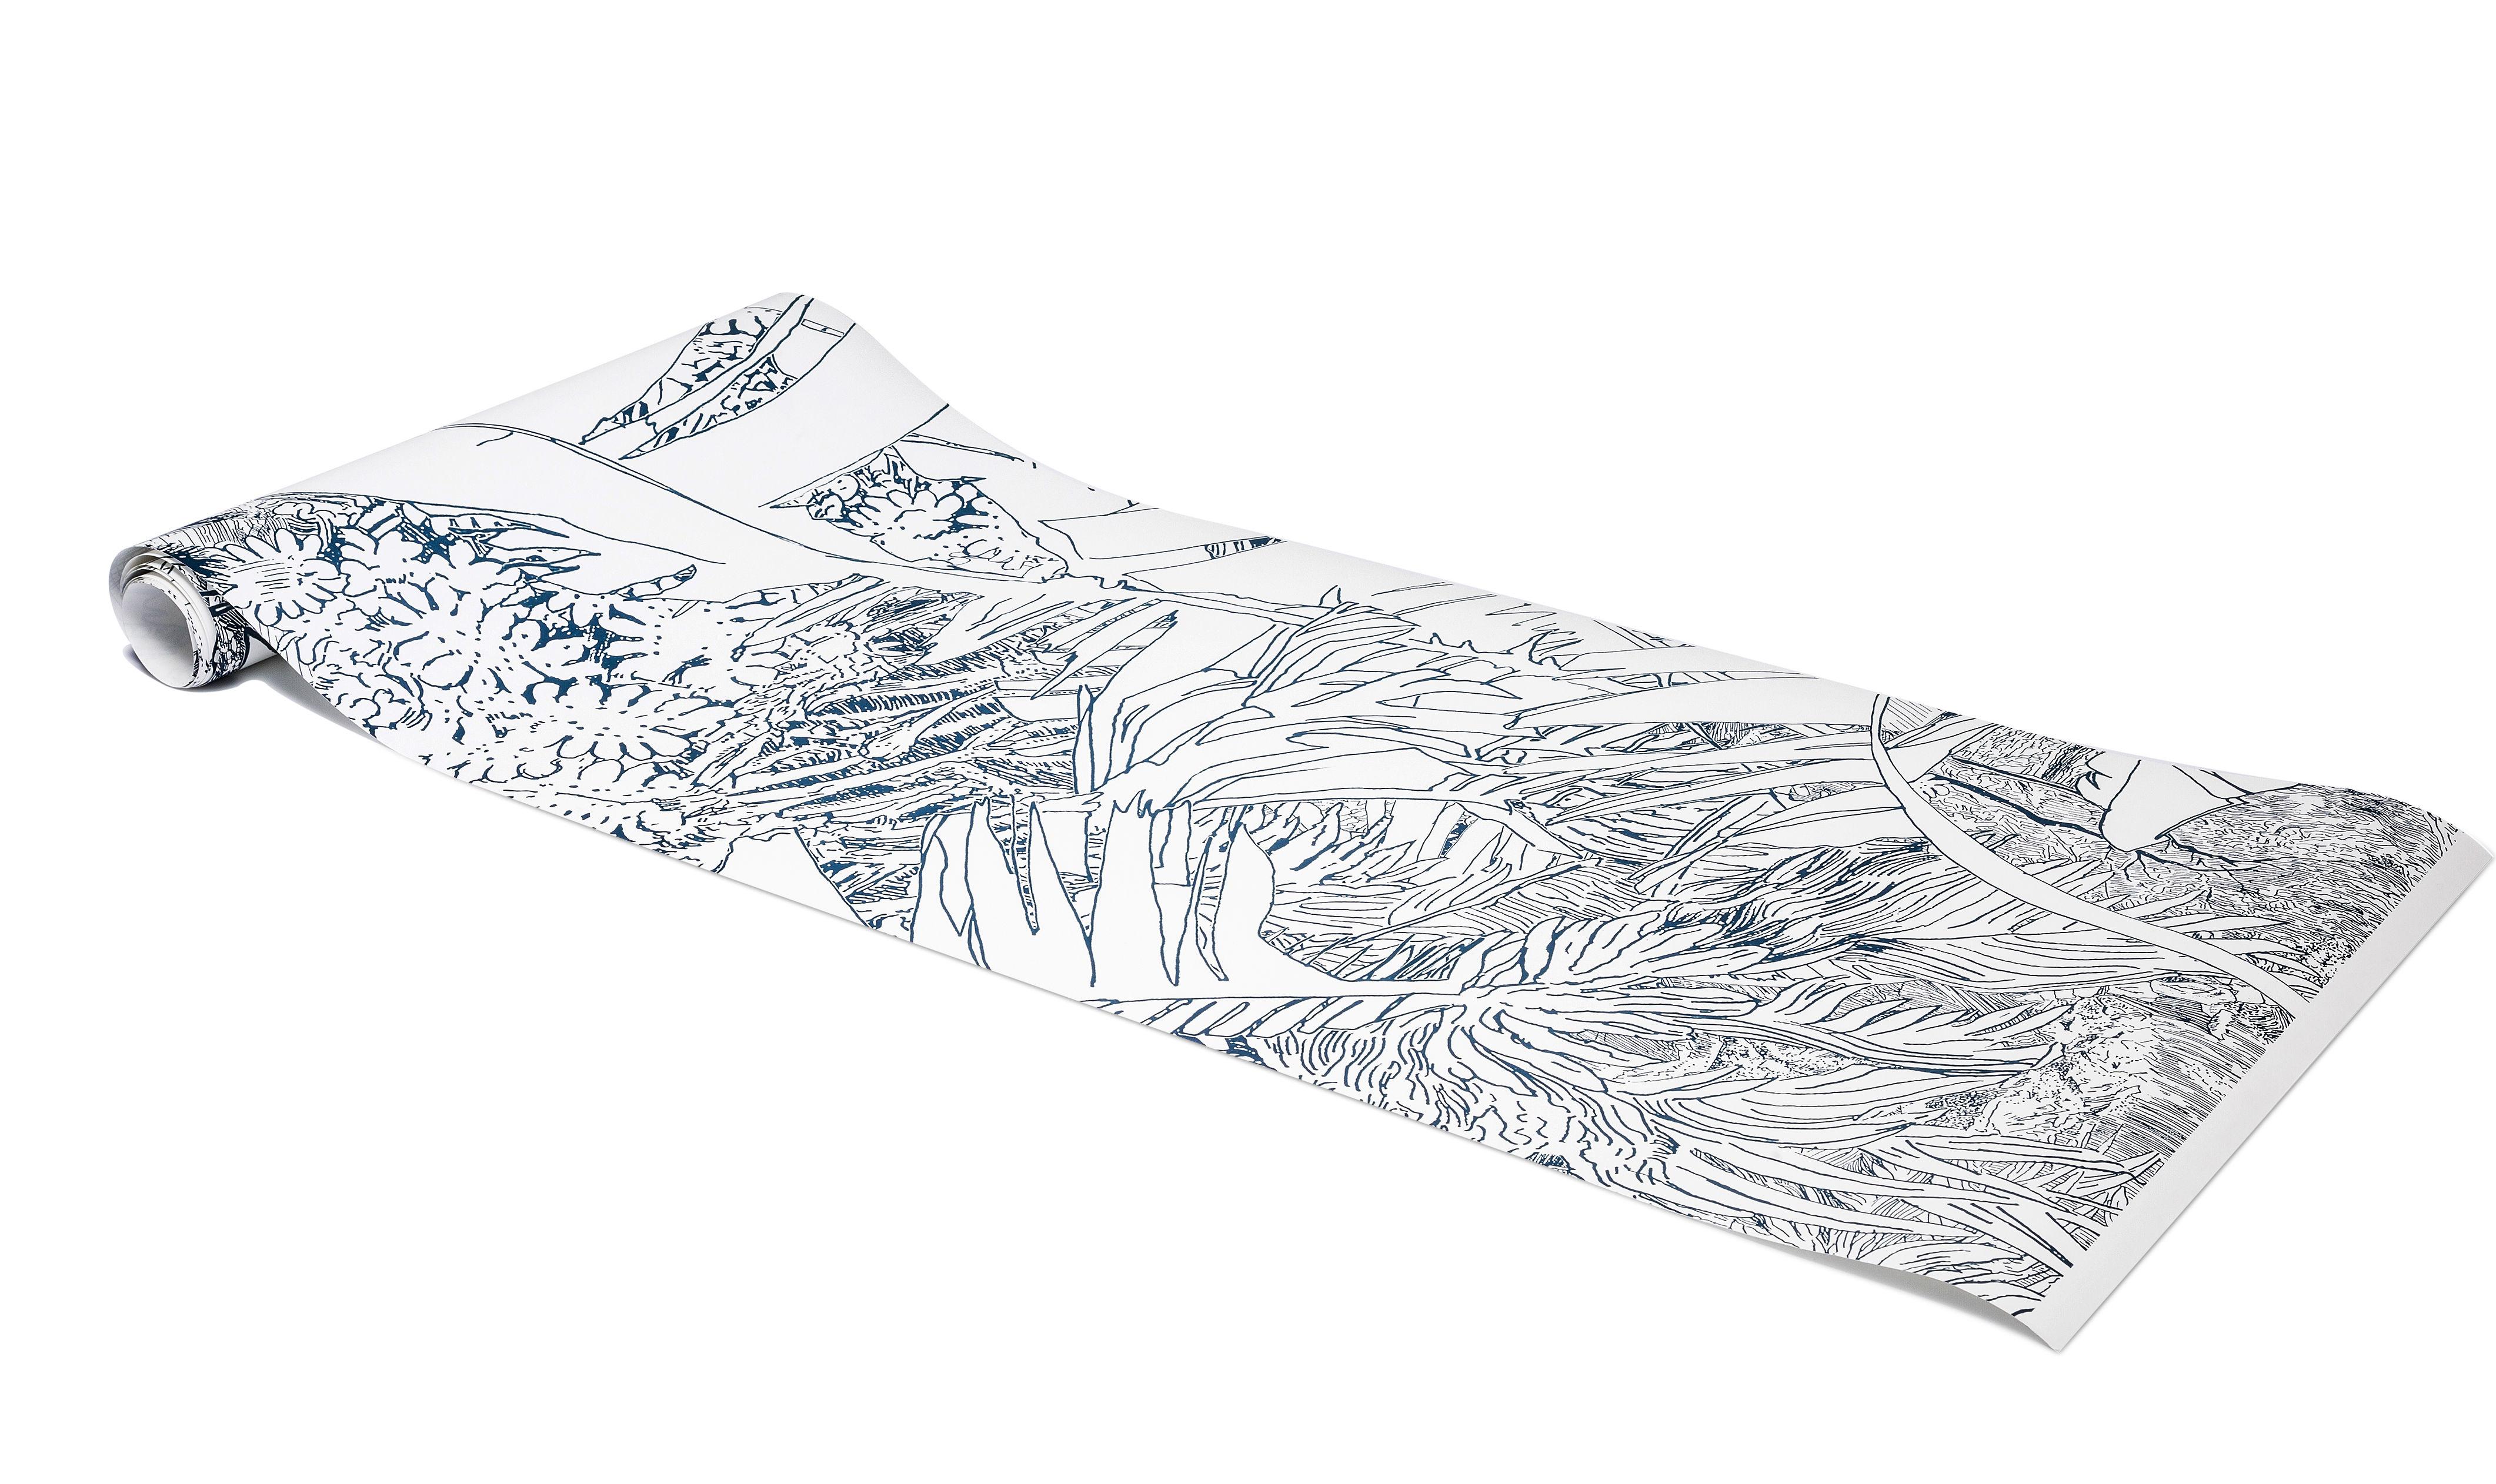 Papier Peint Jungle 2 1 Rouleau Larg 48 Cm Bleu Encre Fond